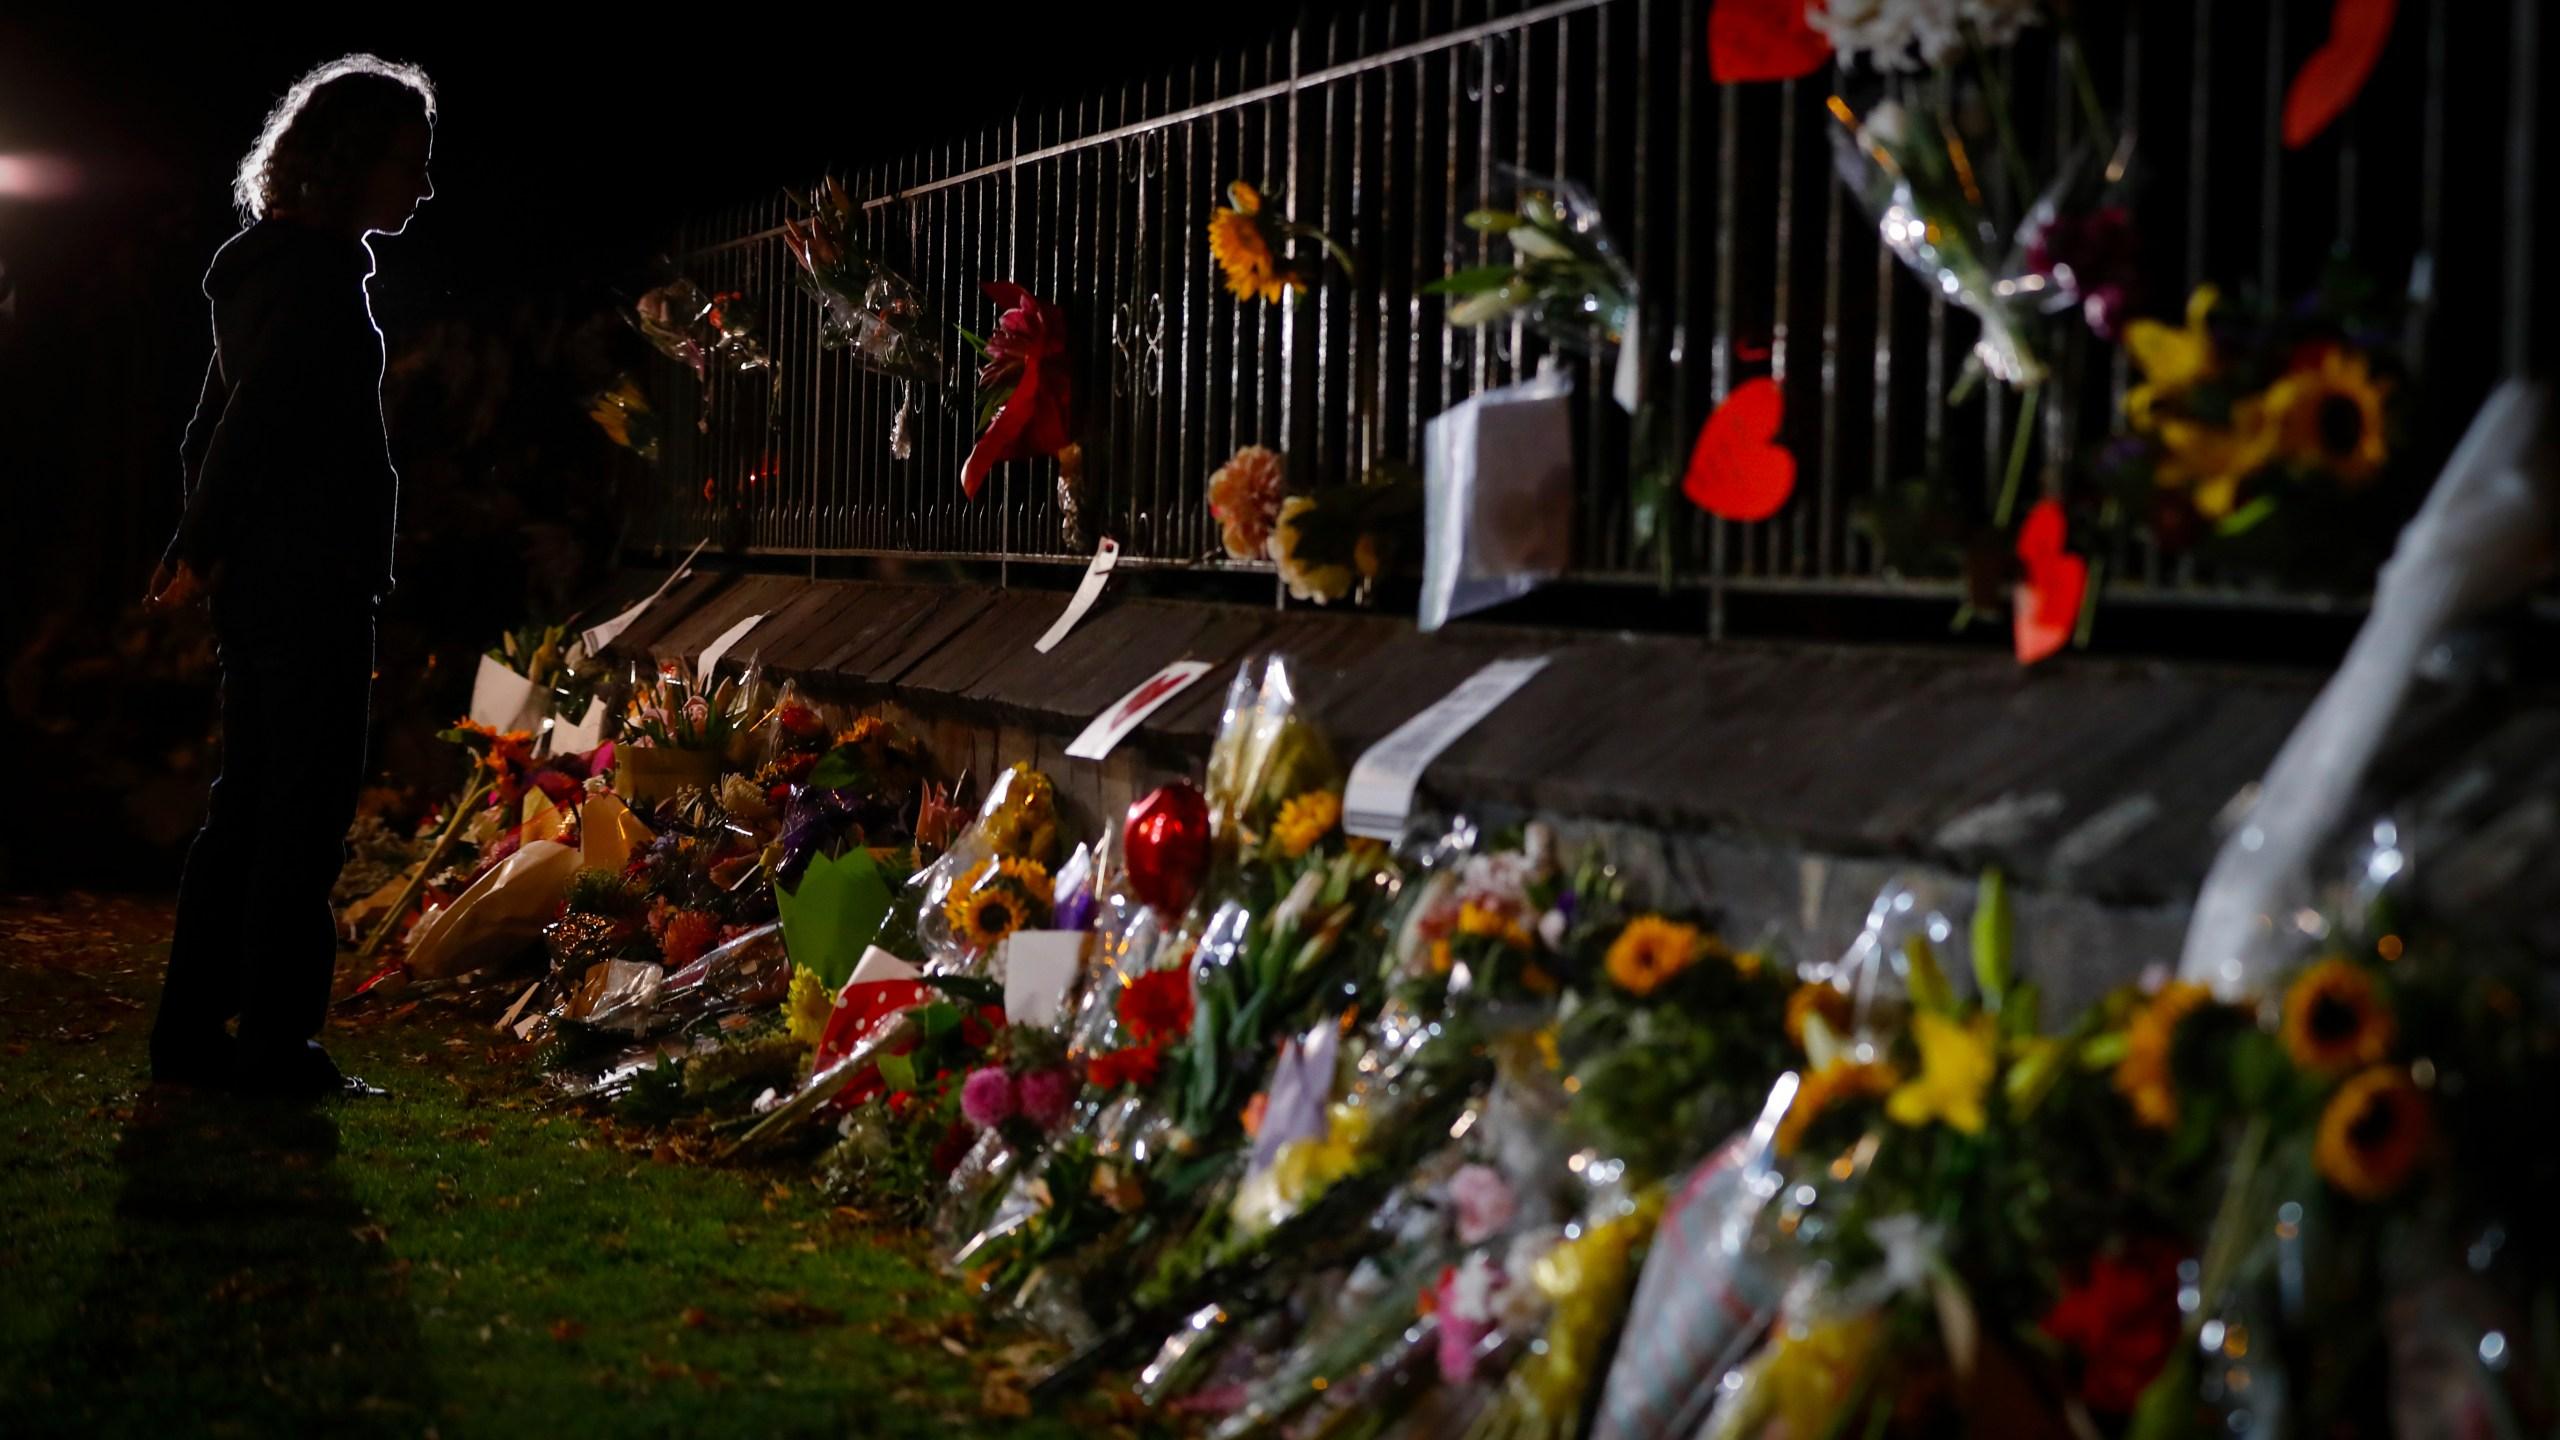 APTOPIX_New_Zealand_Mosque_Shooting_01596-159532.jpg70851318